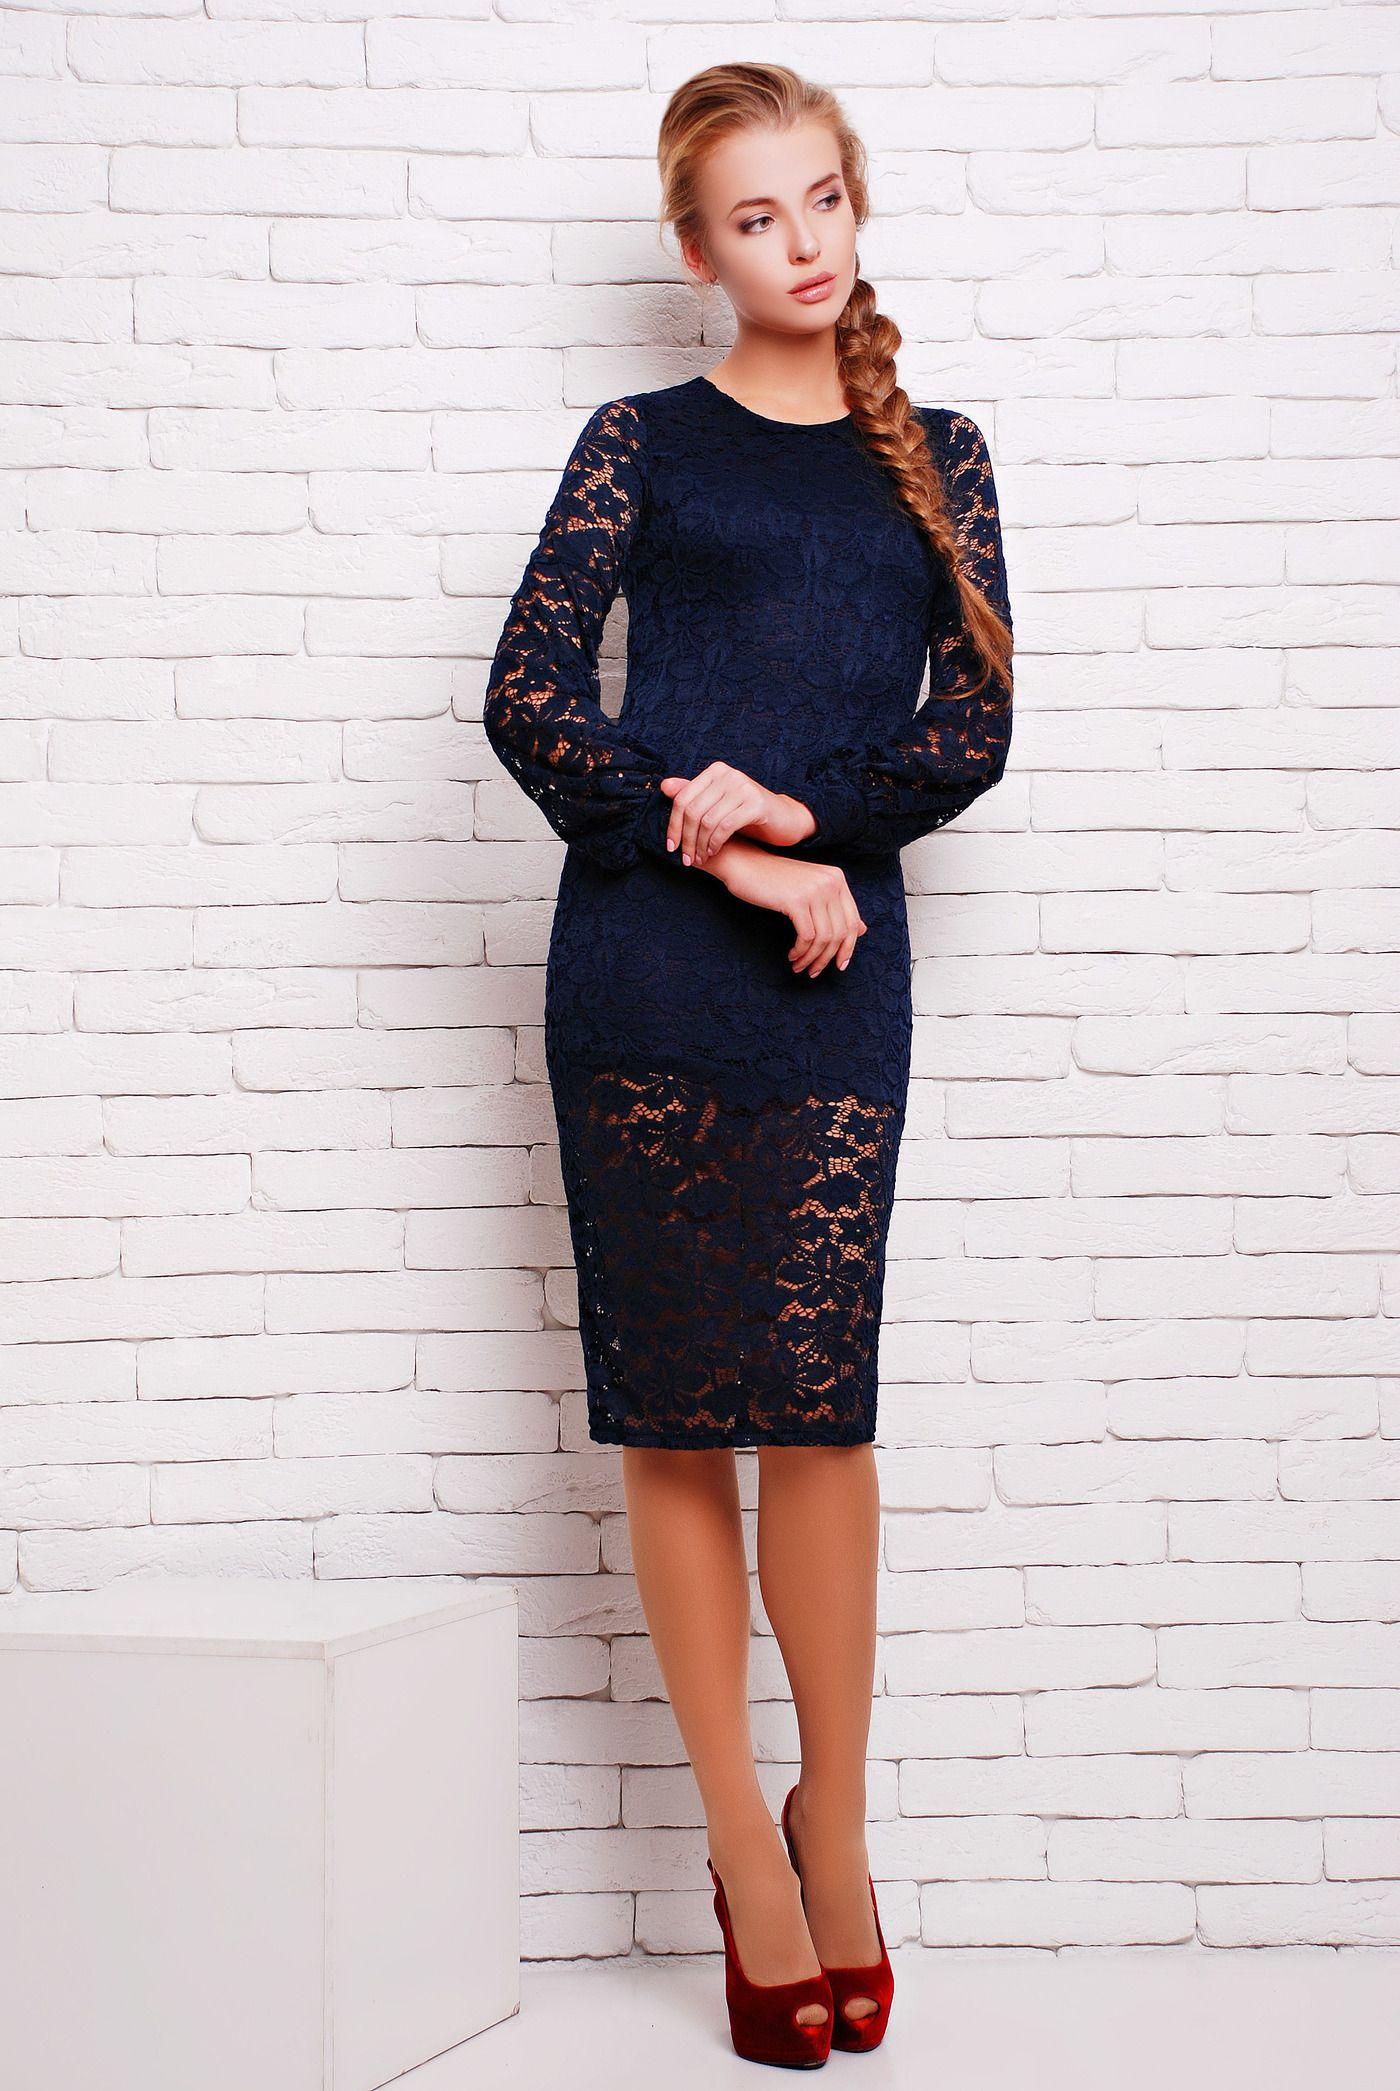 a40d66f6503edb3 Платье из синего гипюра с подкладкой СКАЙ - Однтонное платье из черного  качественного стрейч-гипюра